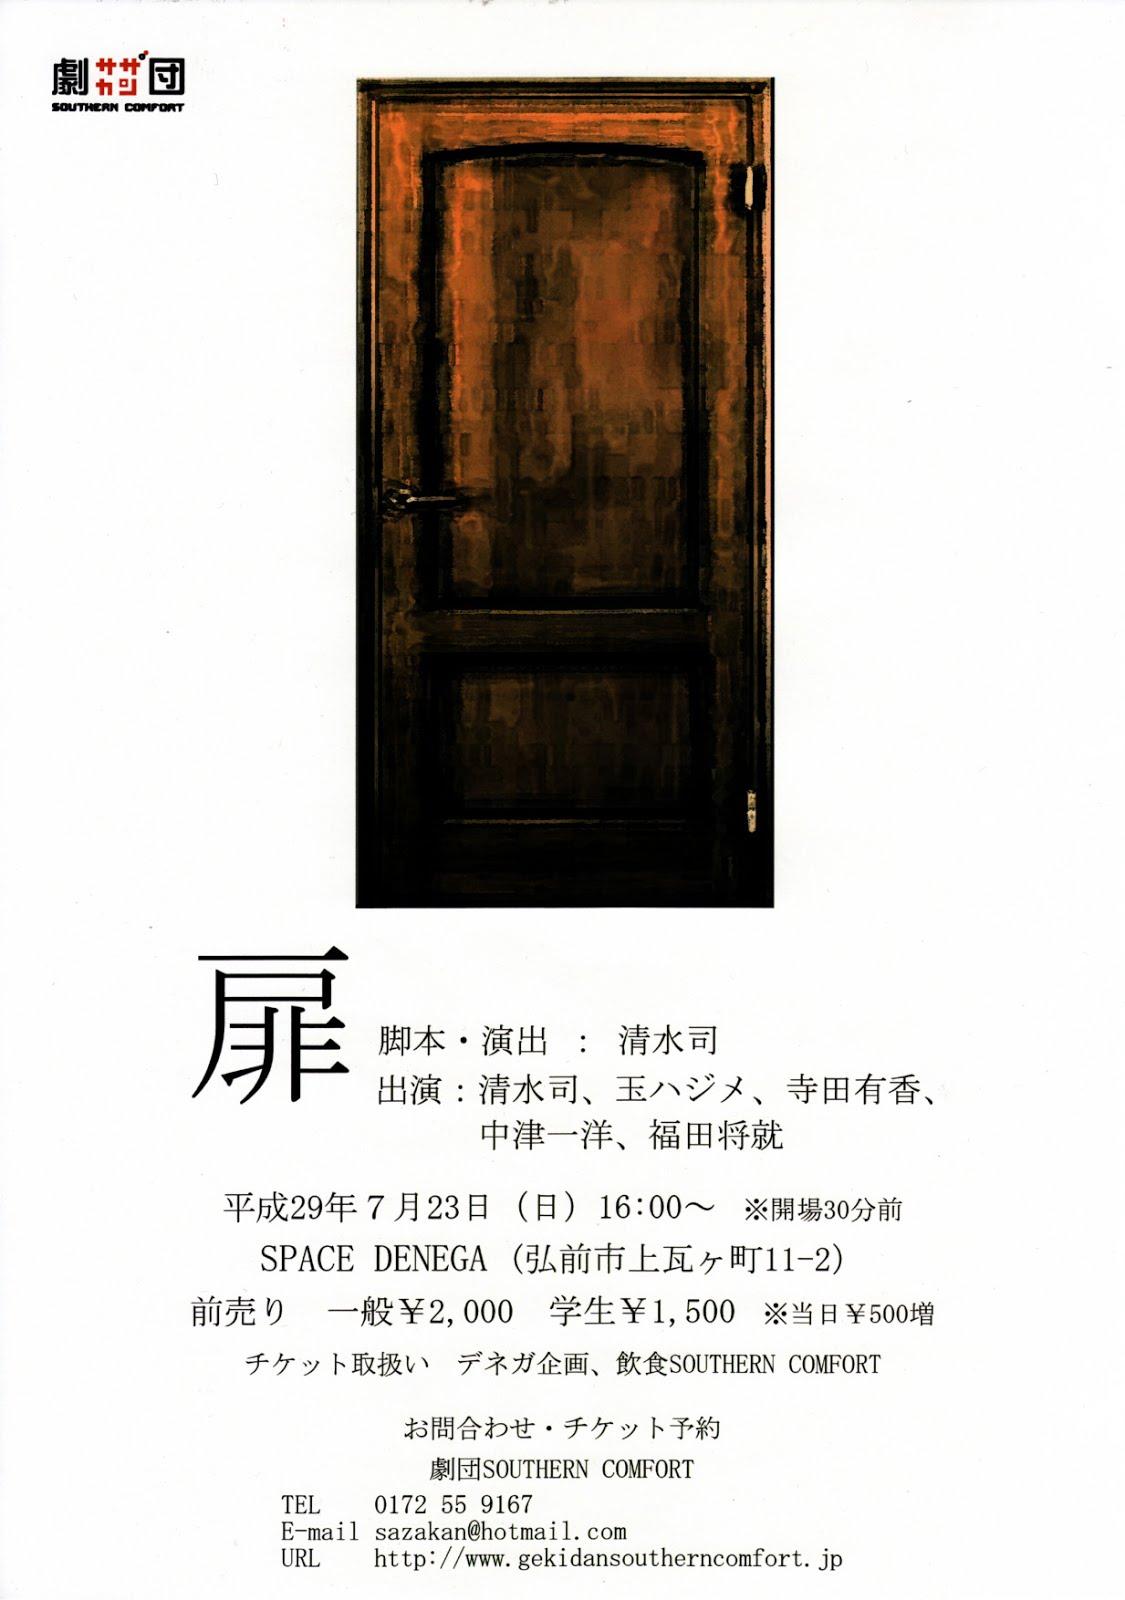 劇団SOUTHERN COMFORT 公演『扉』